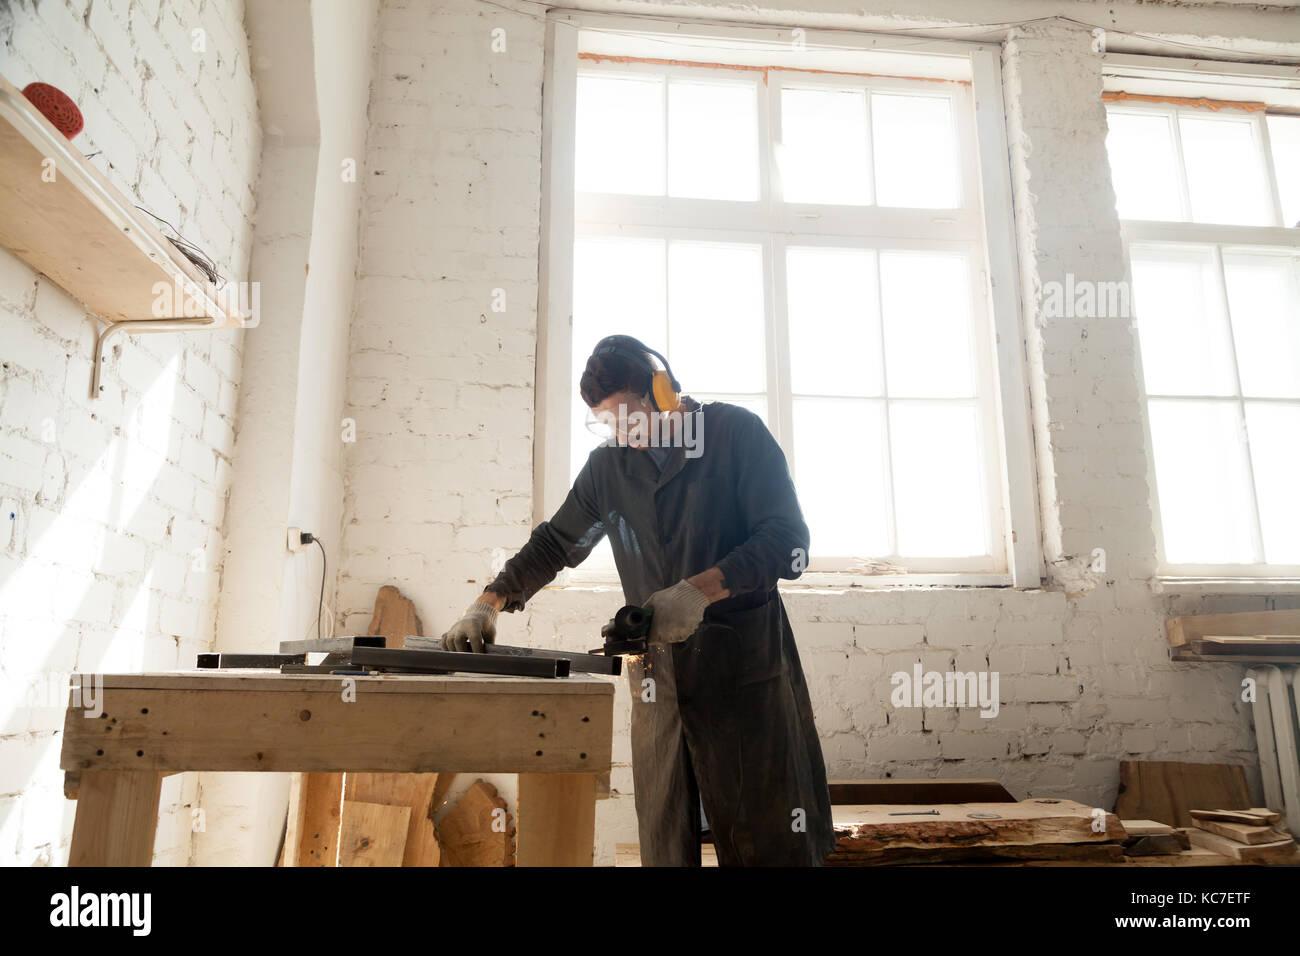 Carpenter travaille dans la fabrication de meubles sur mesure Photo Stock